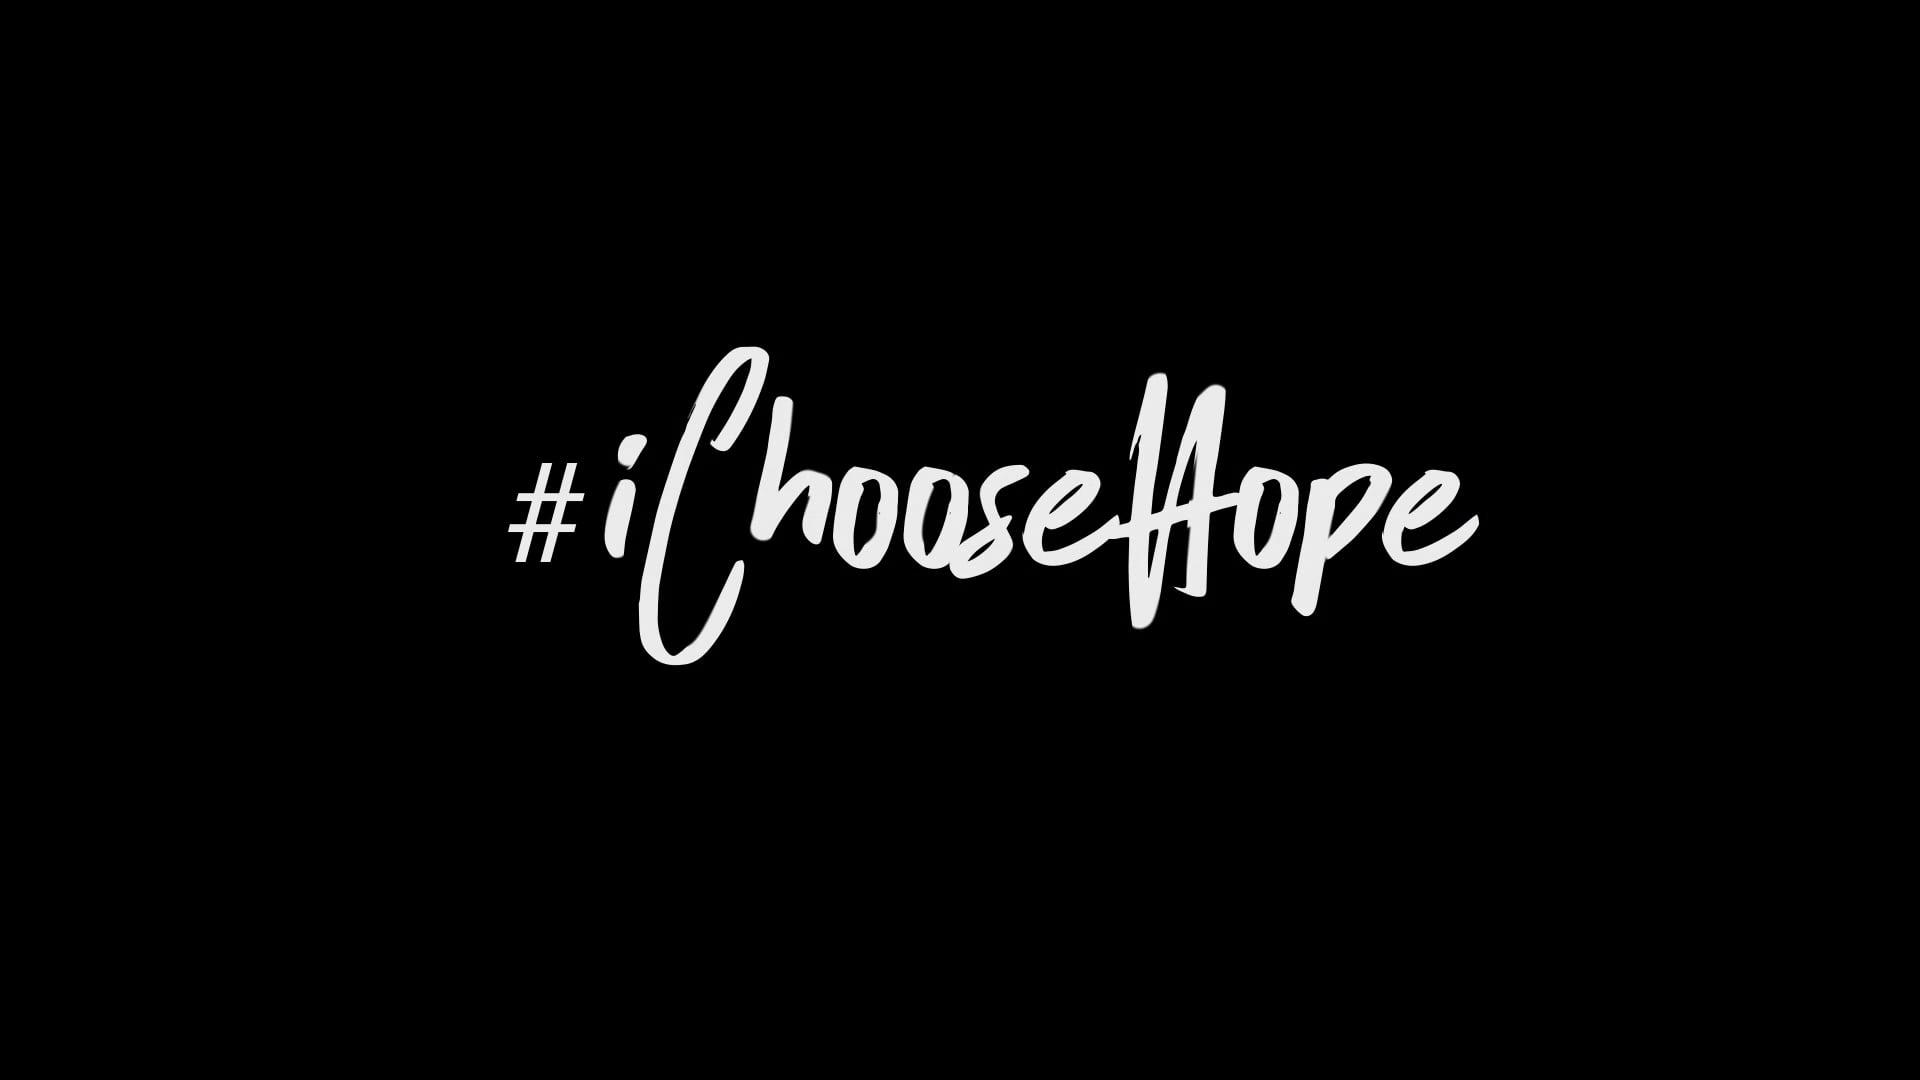 #iChooseHope